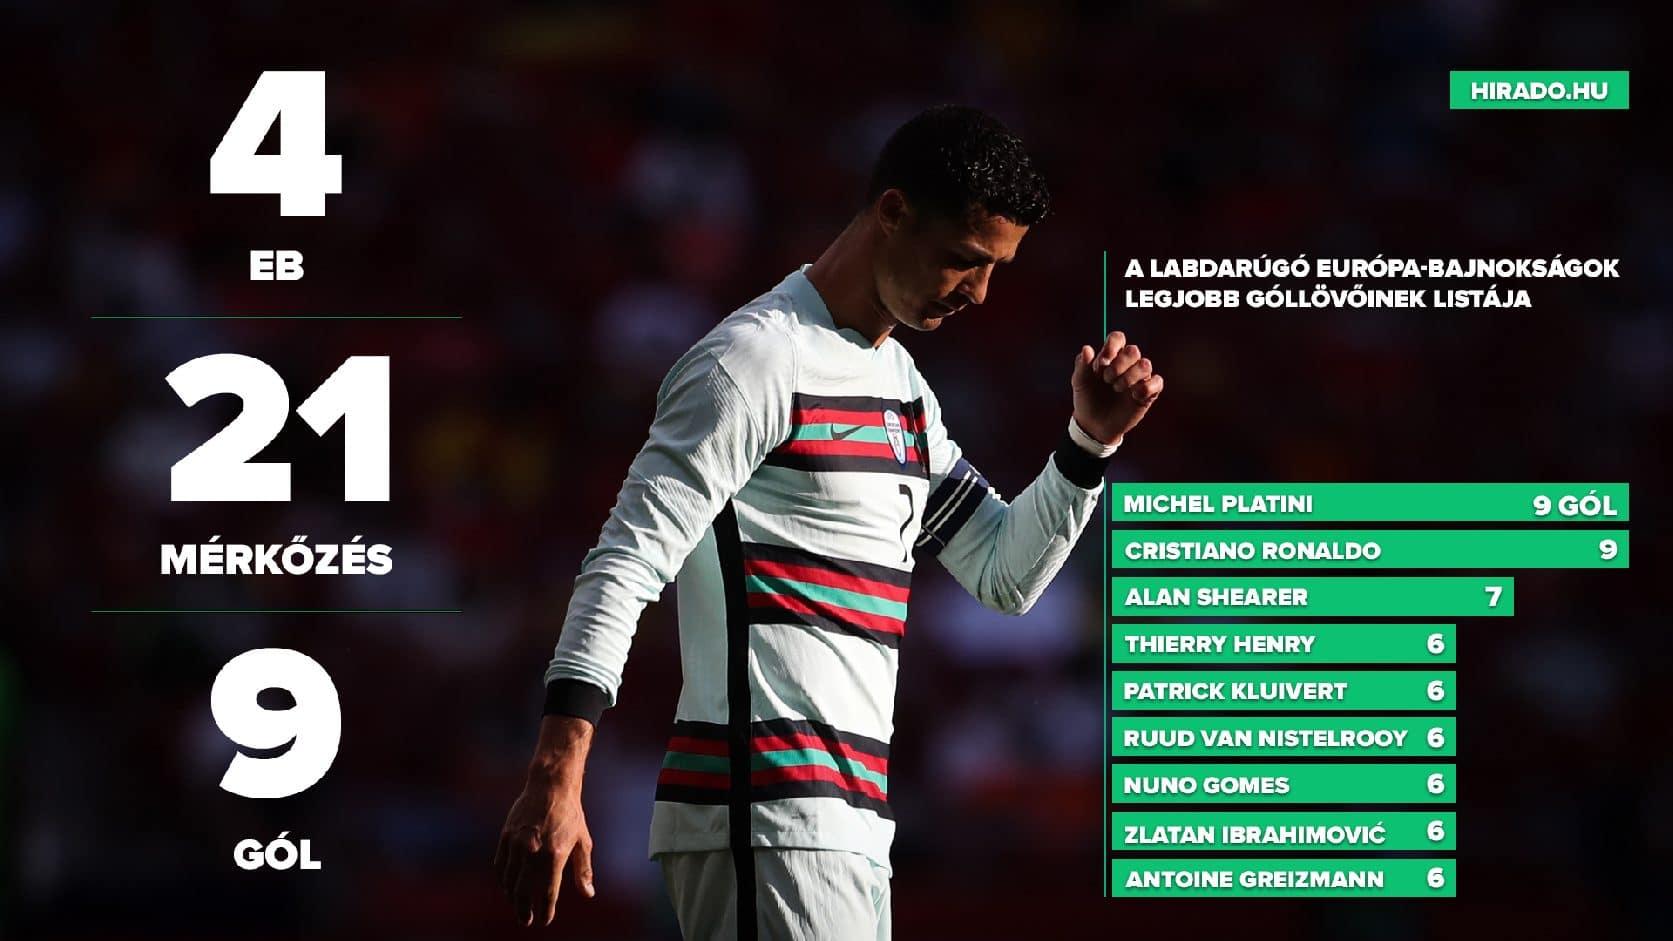 C. Ronaldo végleg felül az Európai foci trónjára? Megdől Király Gábor rekordja? – Ma kezdődik a foci Eb